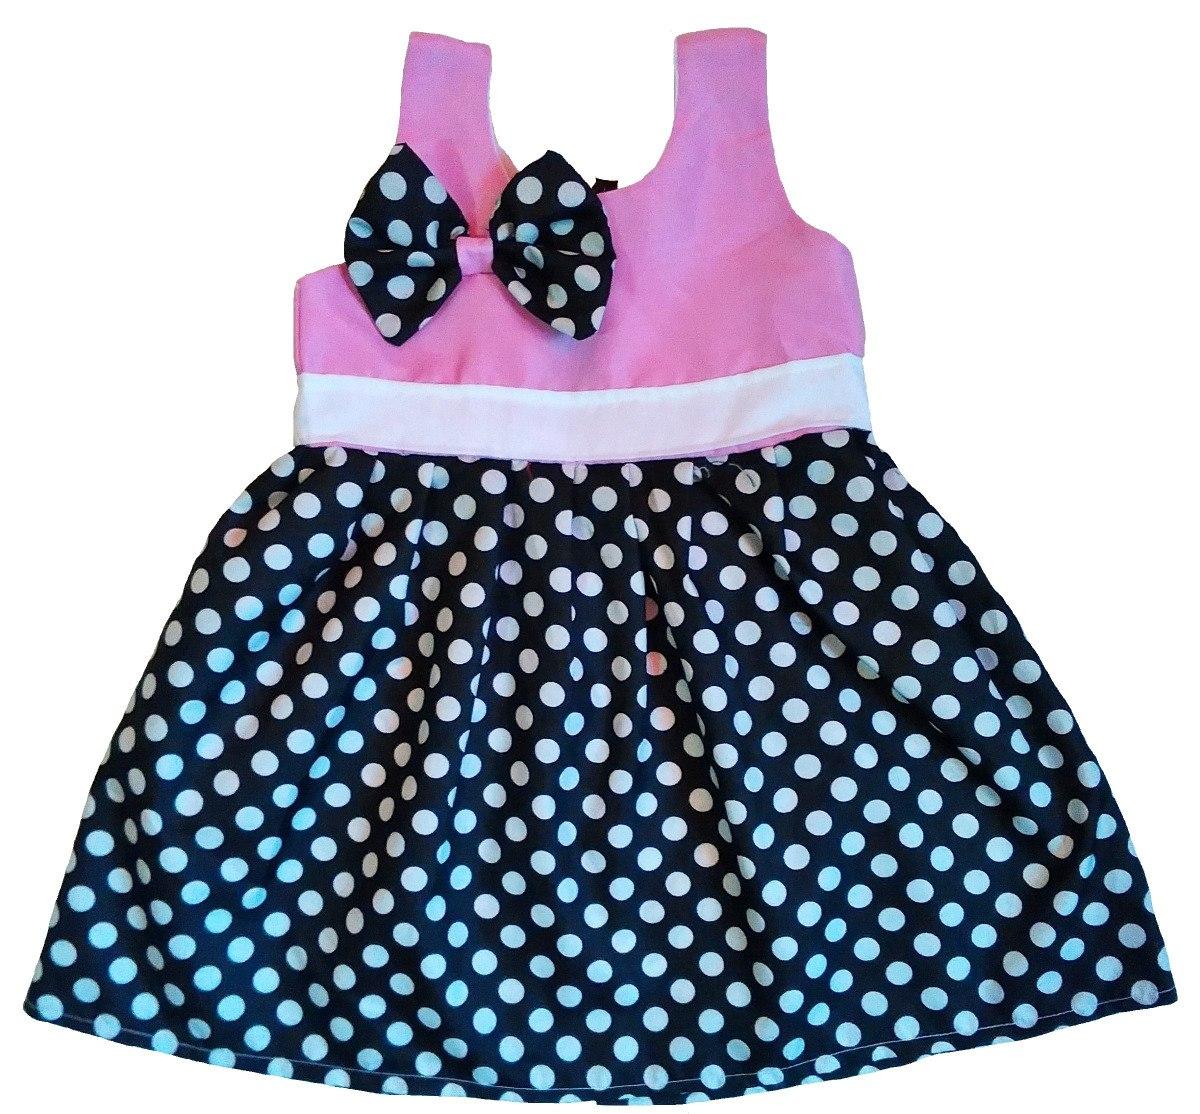 7770ff7bfcebf Vestidos Bebé Niña Moda Animal Print Pepas Rayas 12 A 18 - Bs. 2